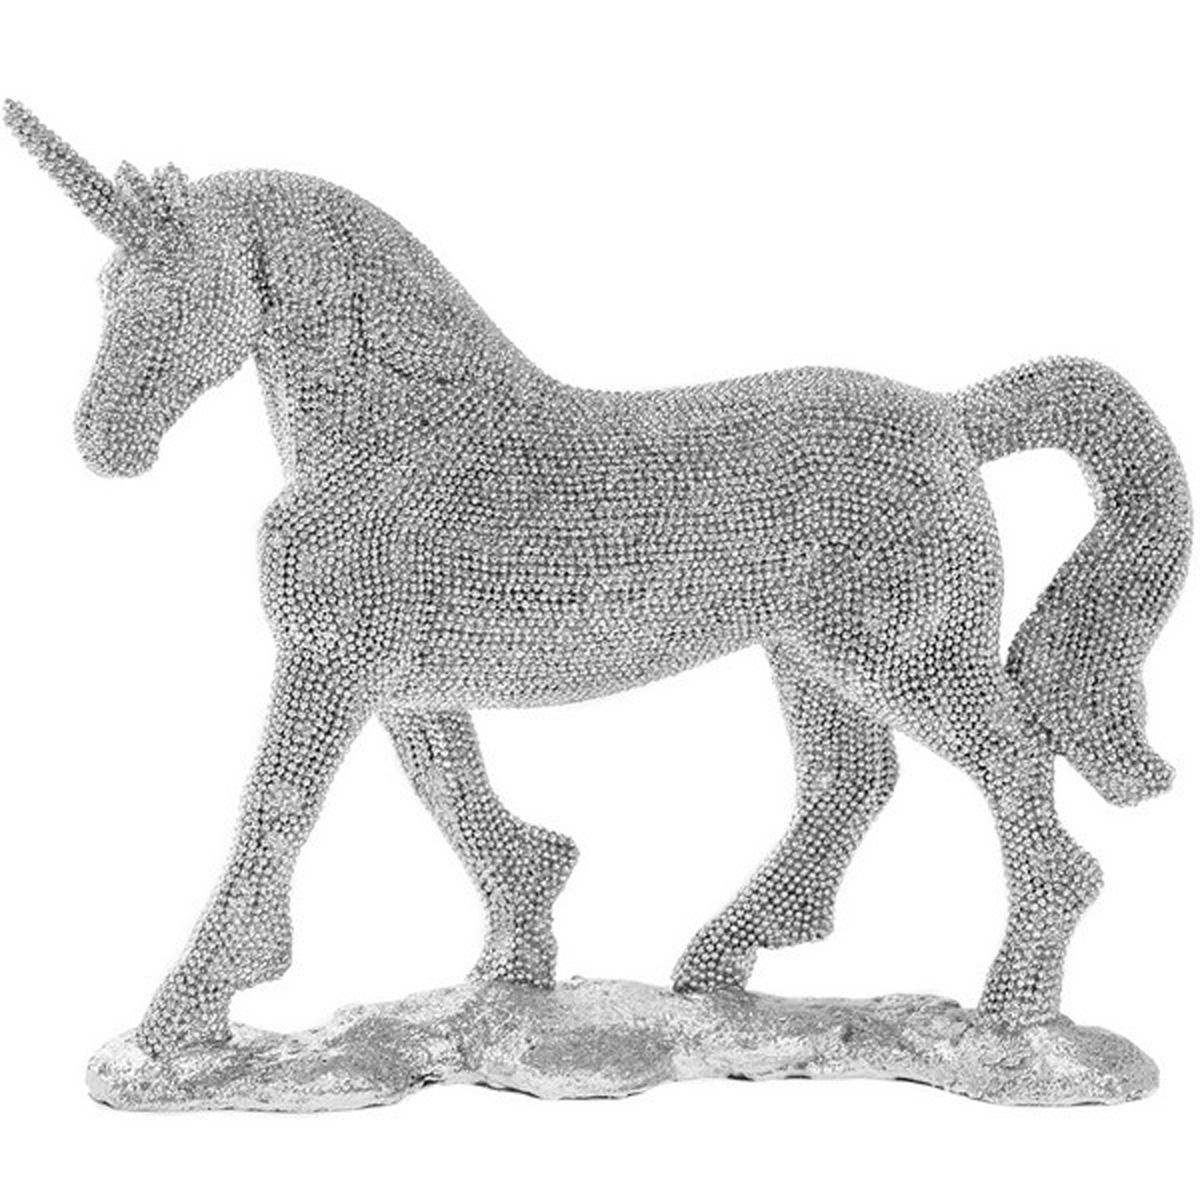 Figurine résine \'Licorne My Unicorn\' argenté diamant - 25x22 cm - [Q4098]